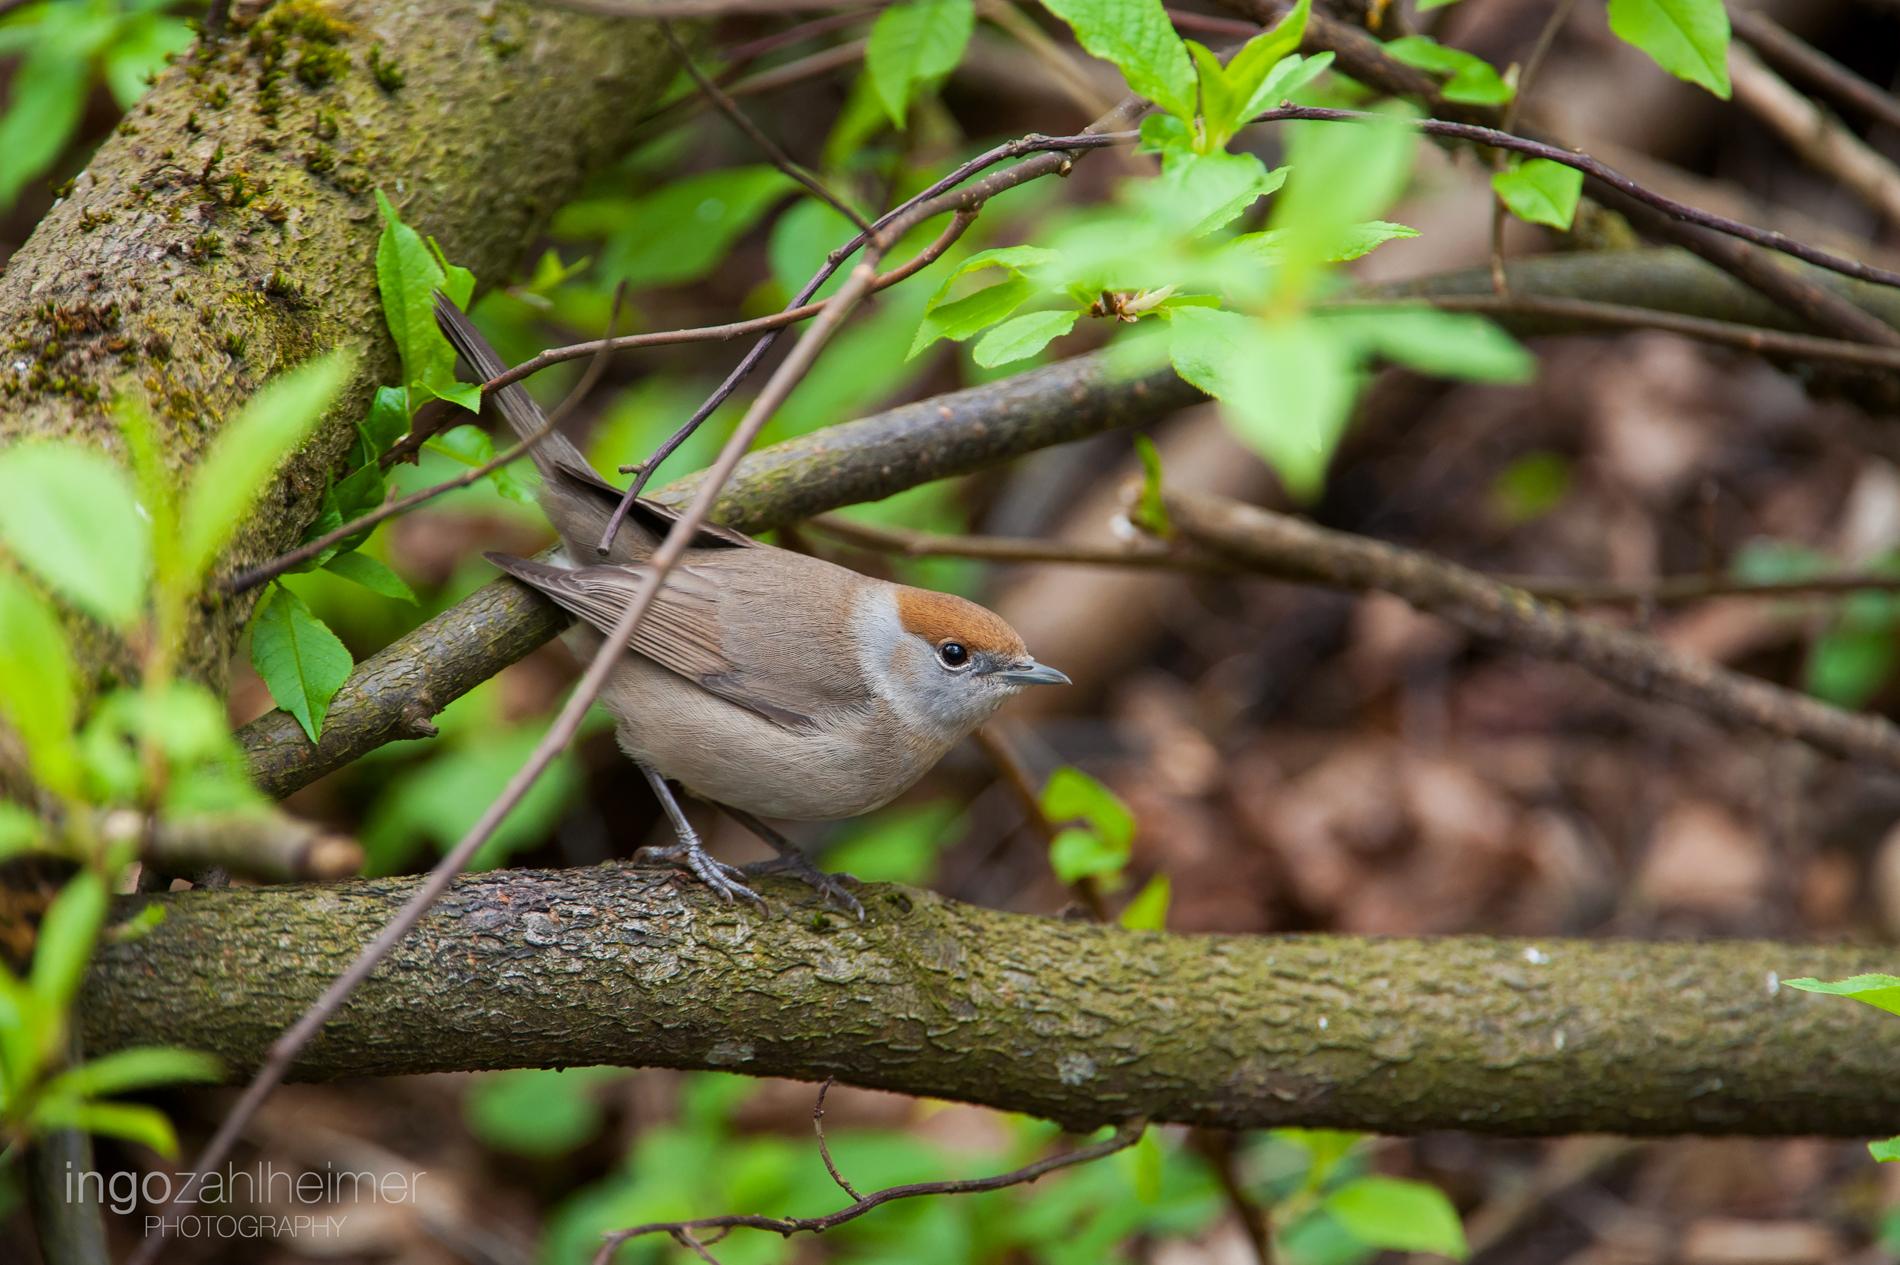 Mönchsgrasmücke, Weibchen. Das Männchen hat eine schwarze Kappe, anstatt einer Braunen. Beide kamen an den Bach.